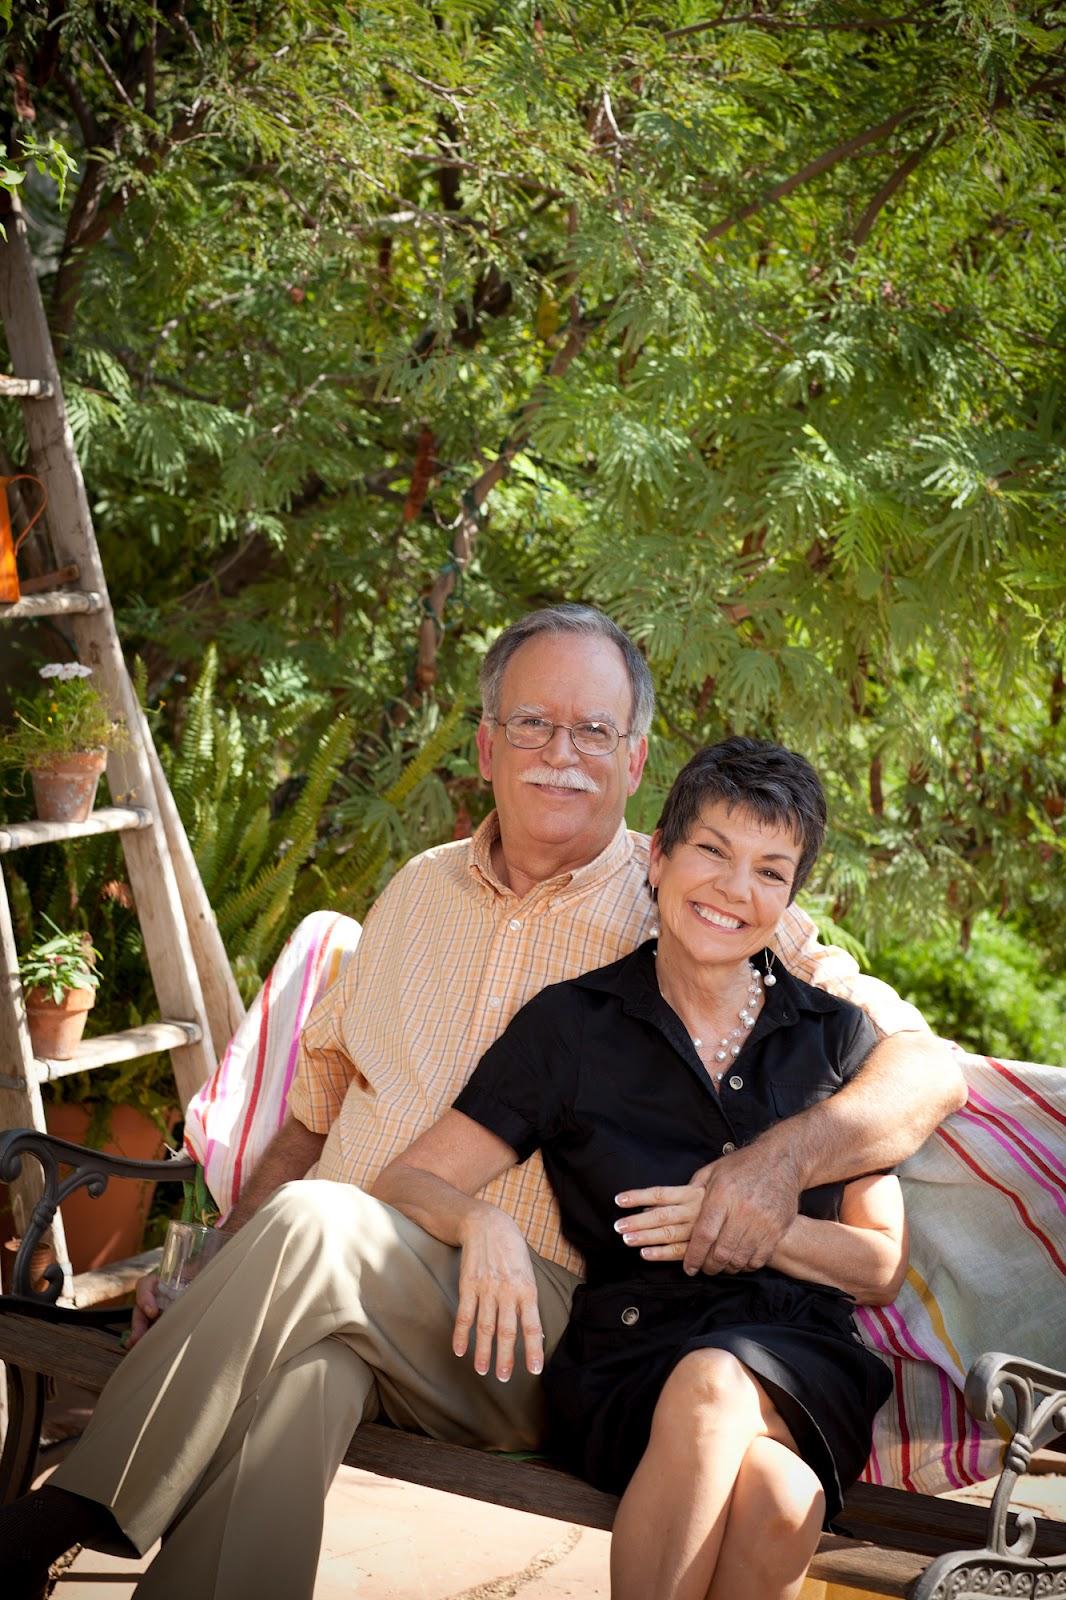 Un Retiro satisfactorio - Es un estilo de vida que usted elige vacaciones Jubilación Ideas Galore Obtenga embalaje!